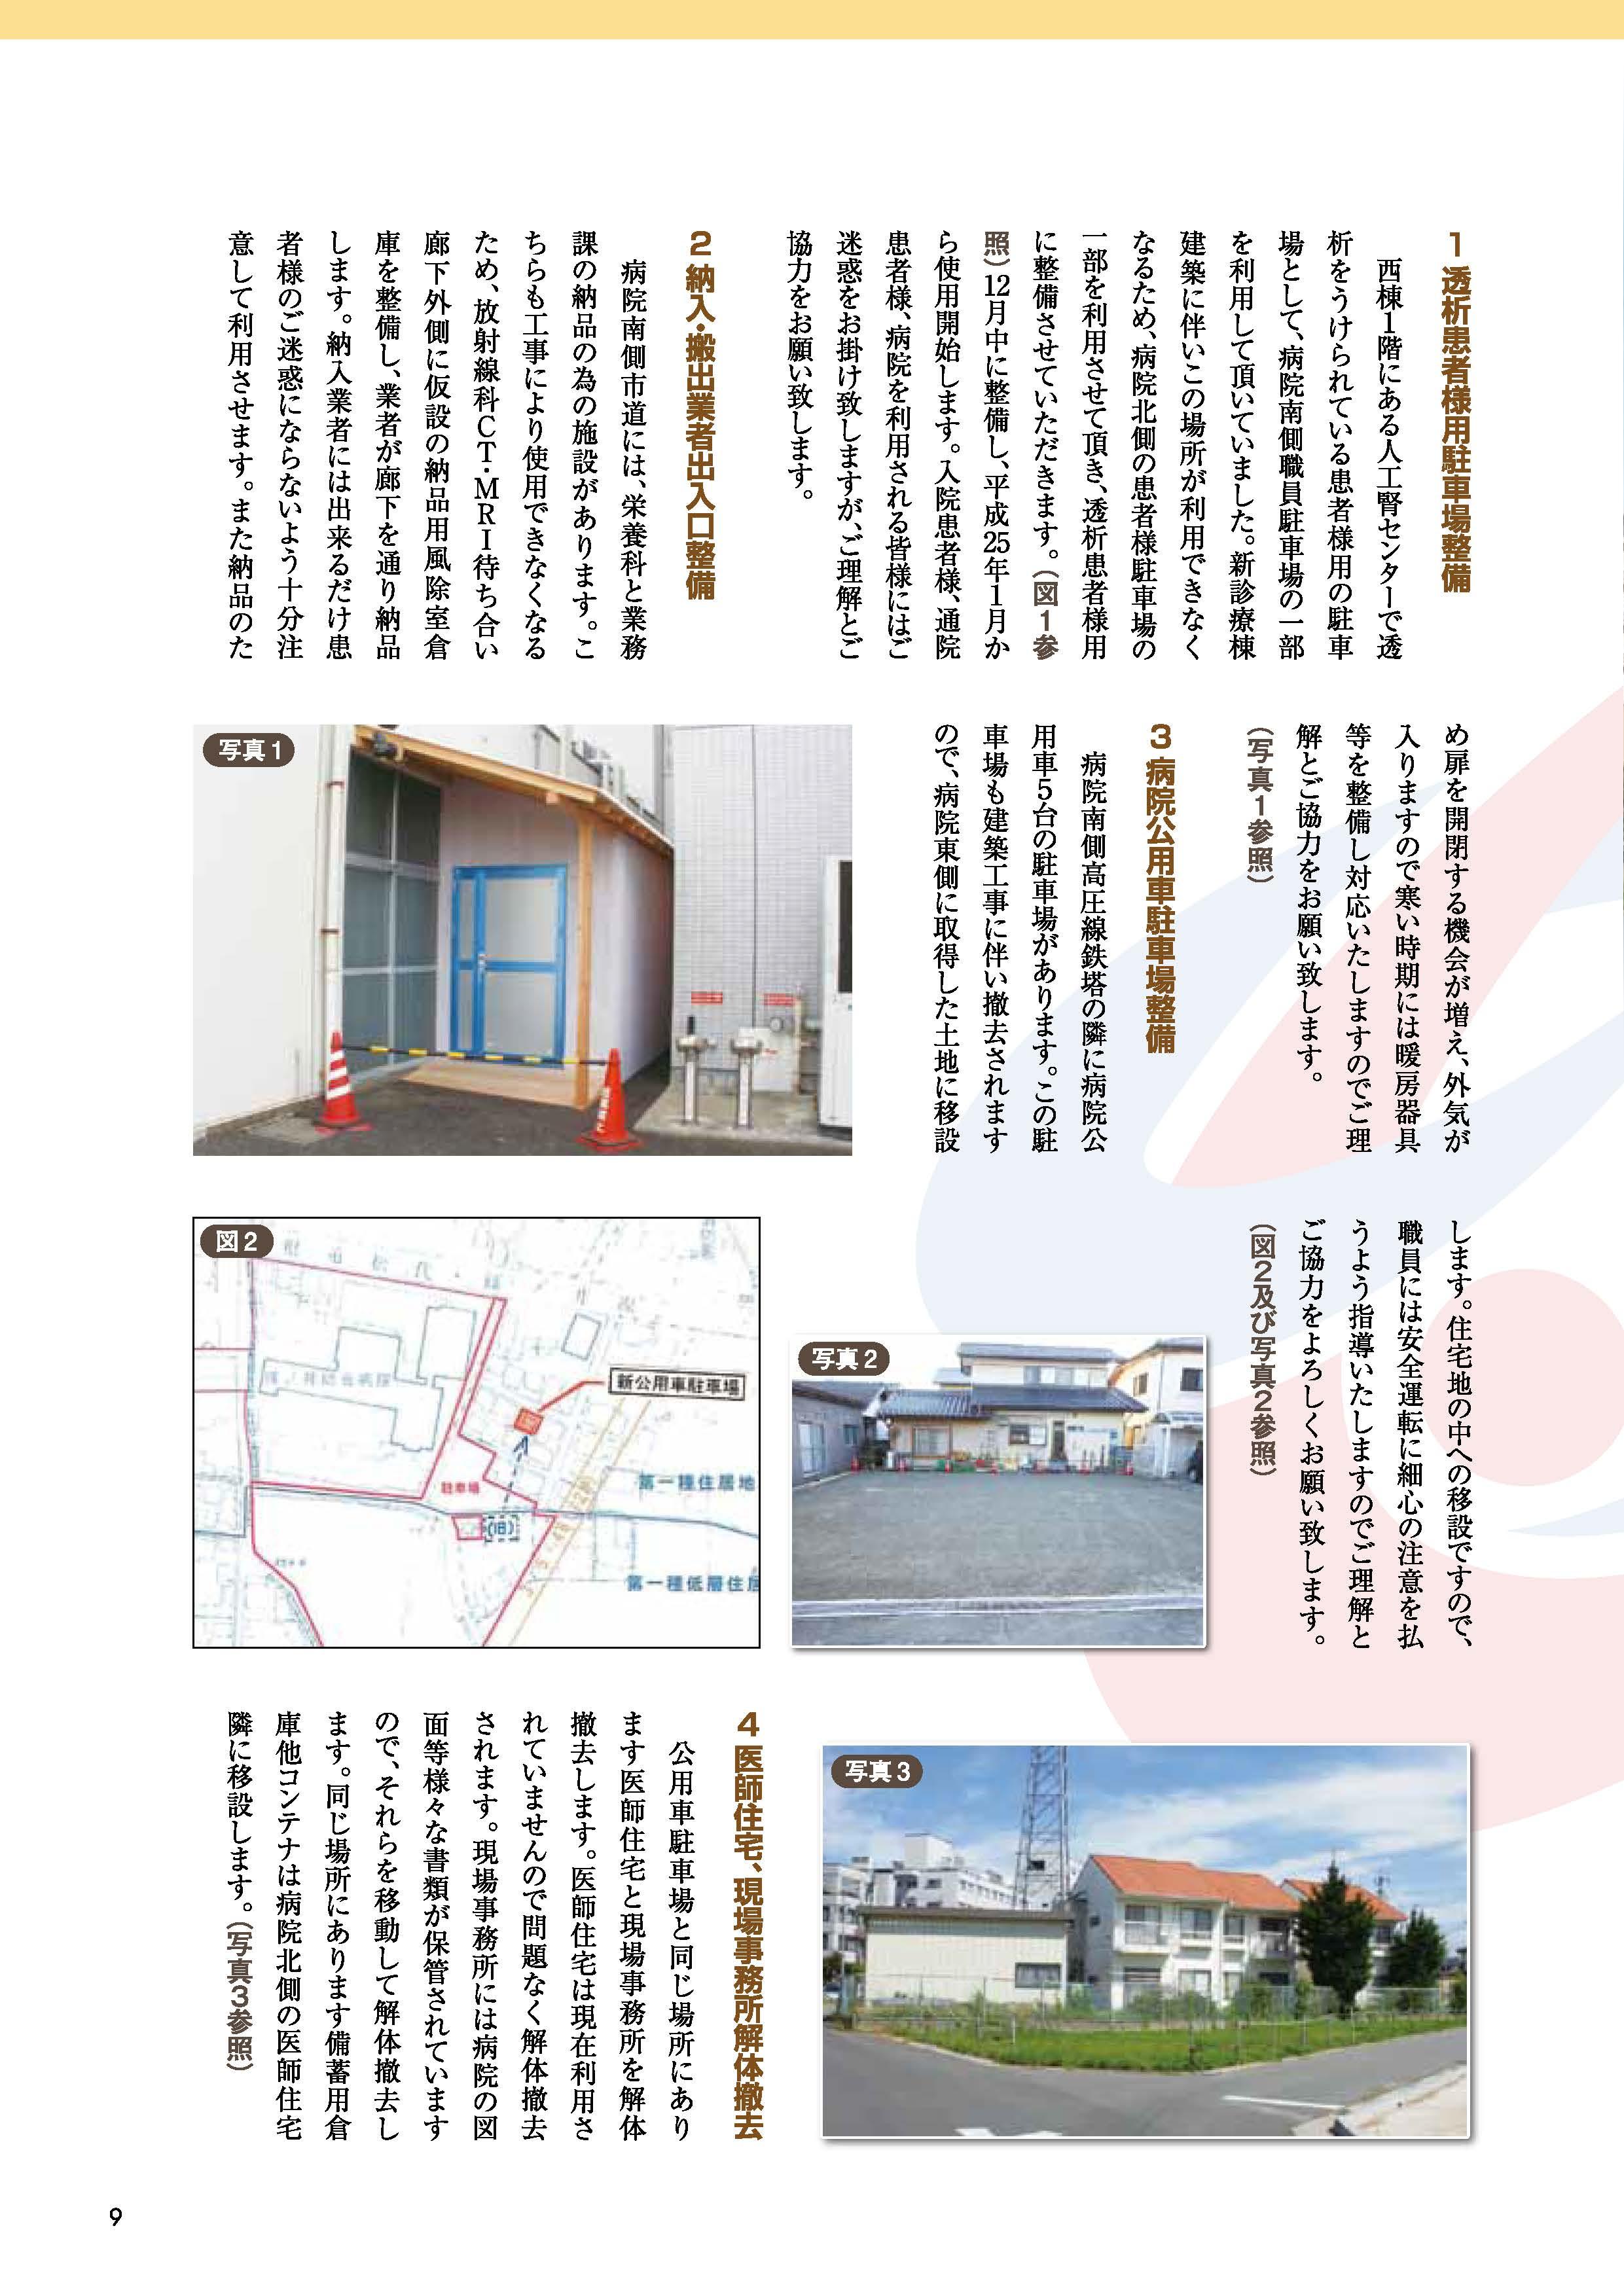 再構築のあゆみ3_ページ_2